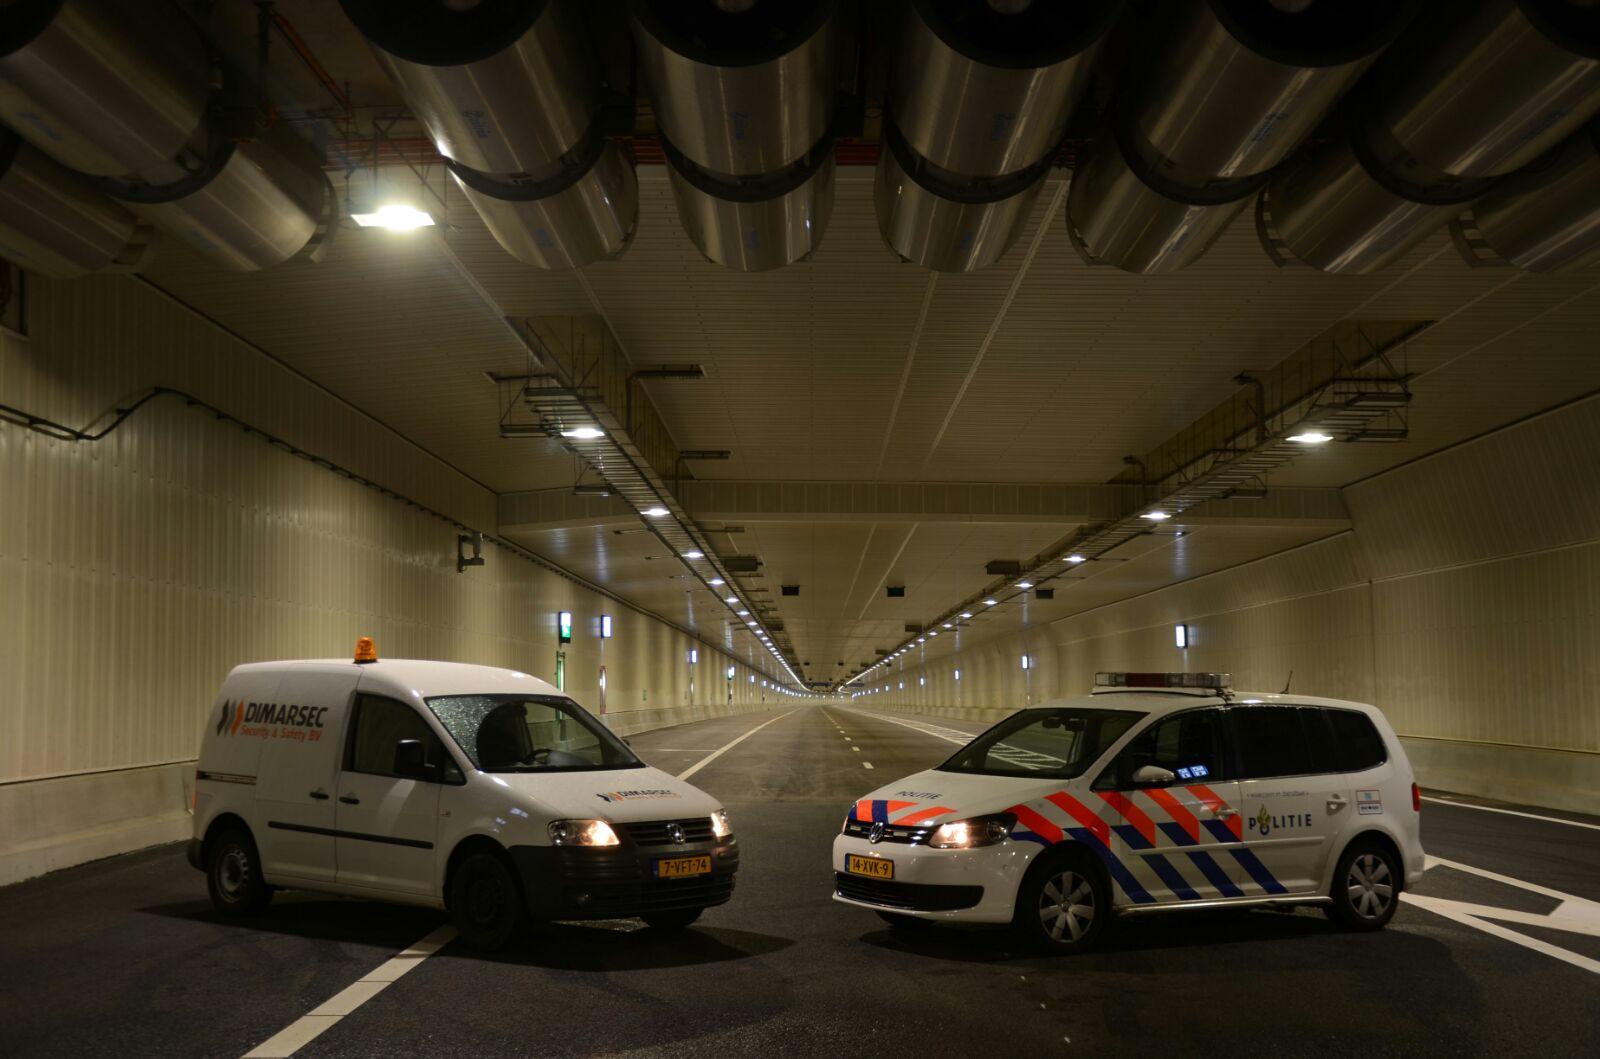 DSS politie in tunnel